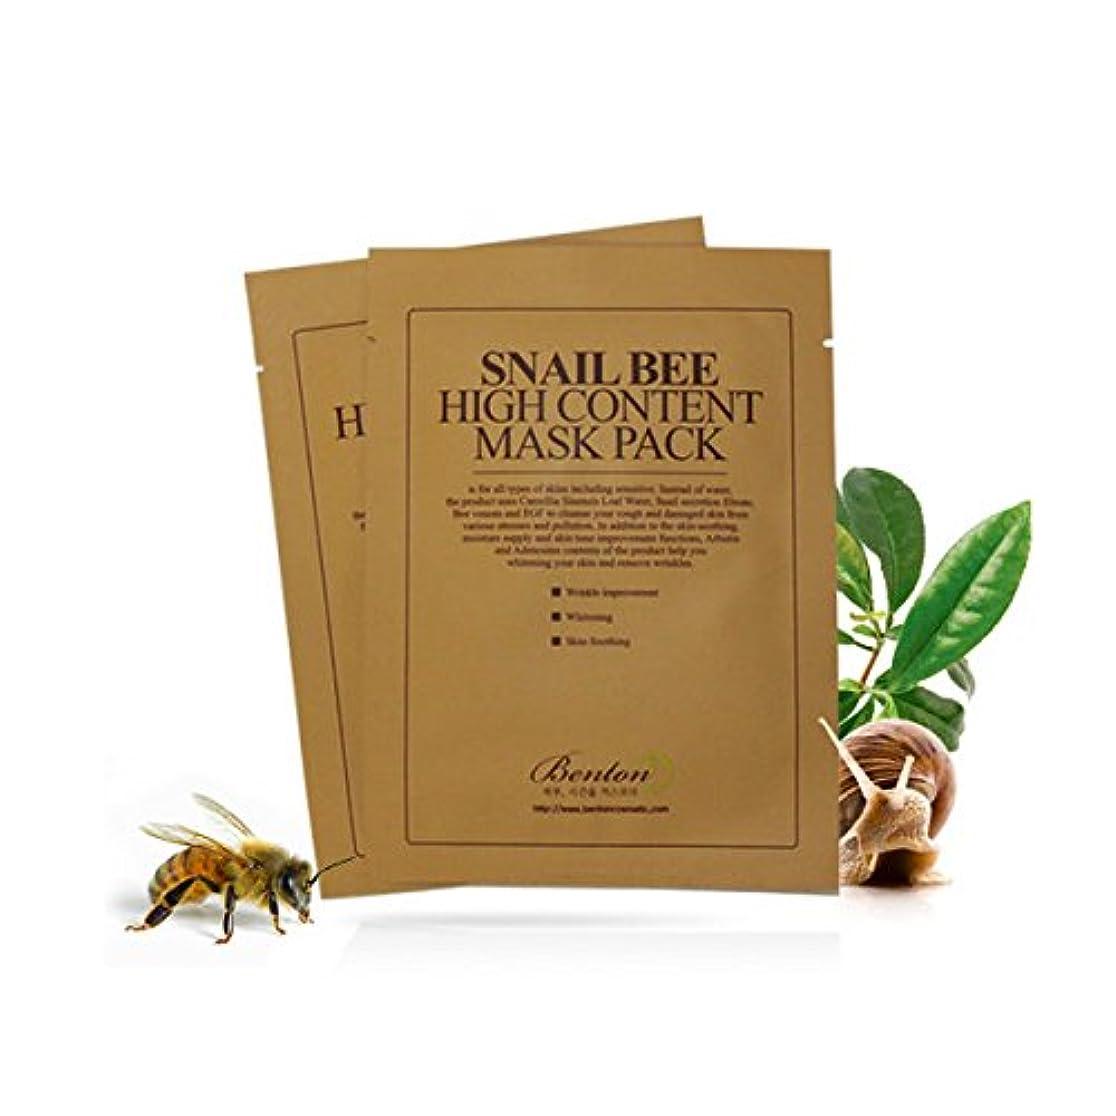 前ベッドを作るスティーブンソン[ベントン] BENTON カタツムリ蜂の高いコンテンツ?マスクパック Snail Bee High Content Mask Pack Sheet 10 Pcs [並行輸入品]